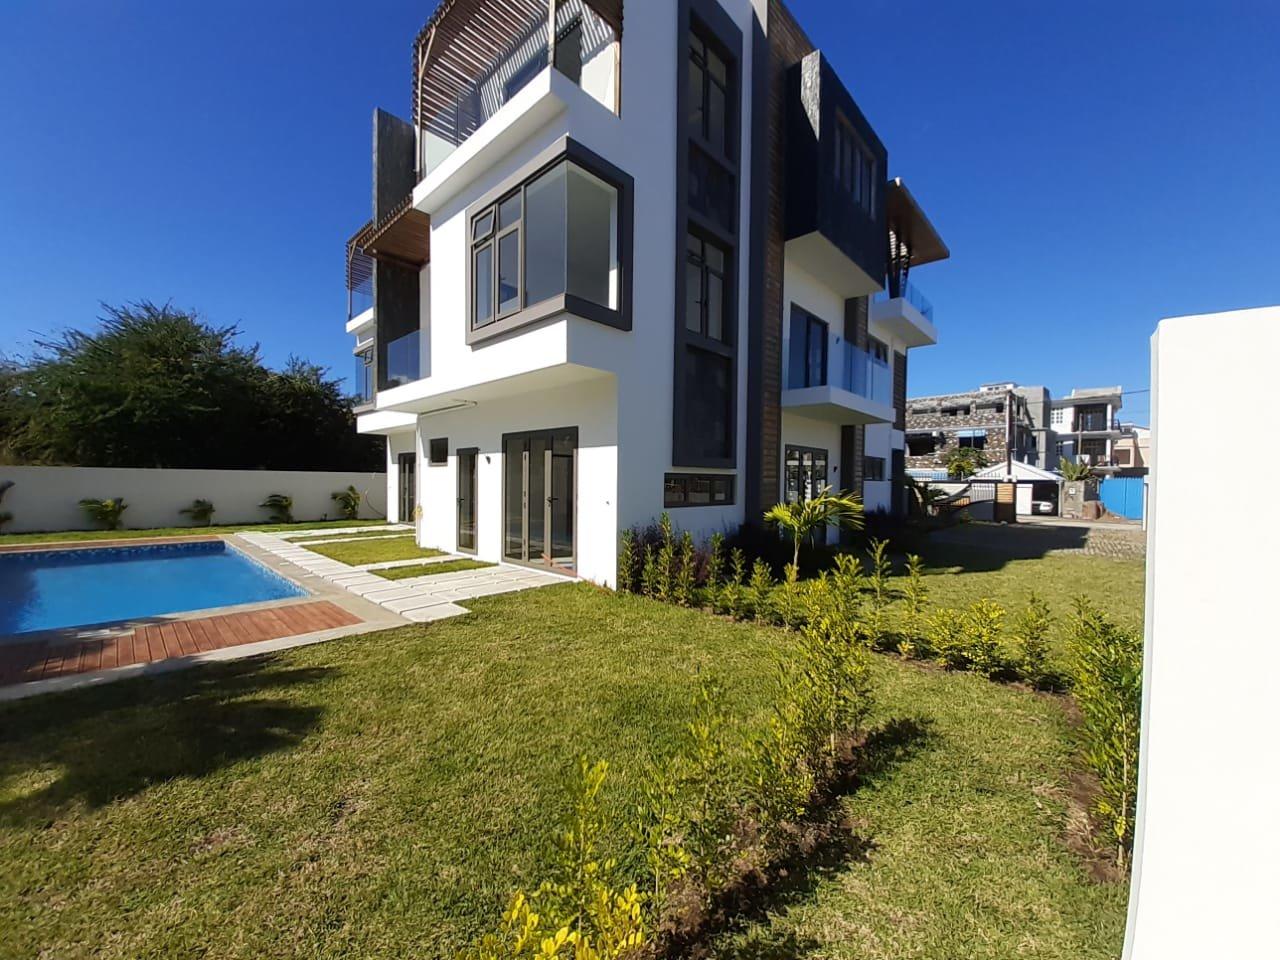 Contemporary House near the Beach